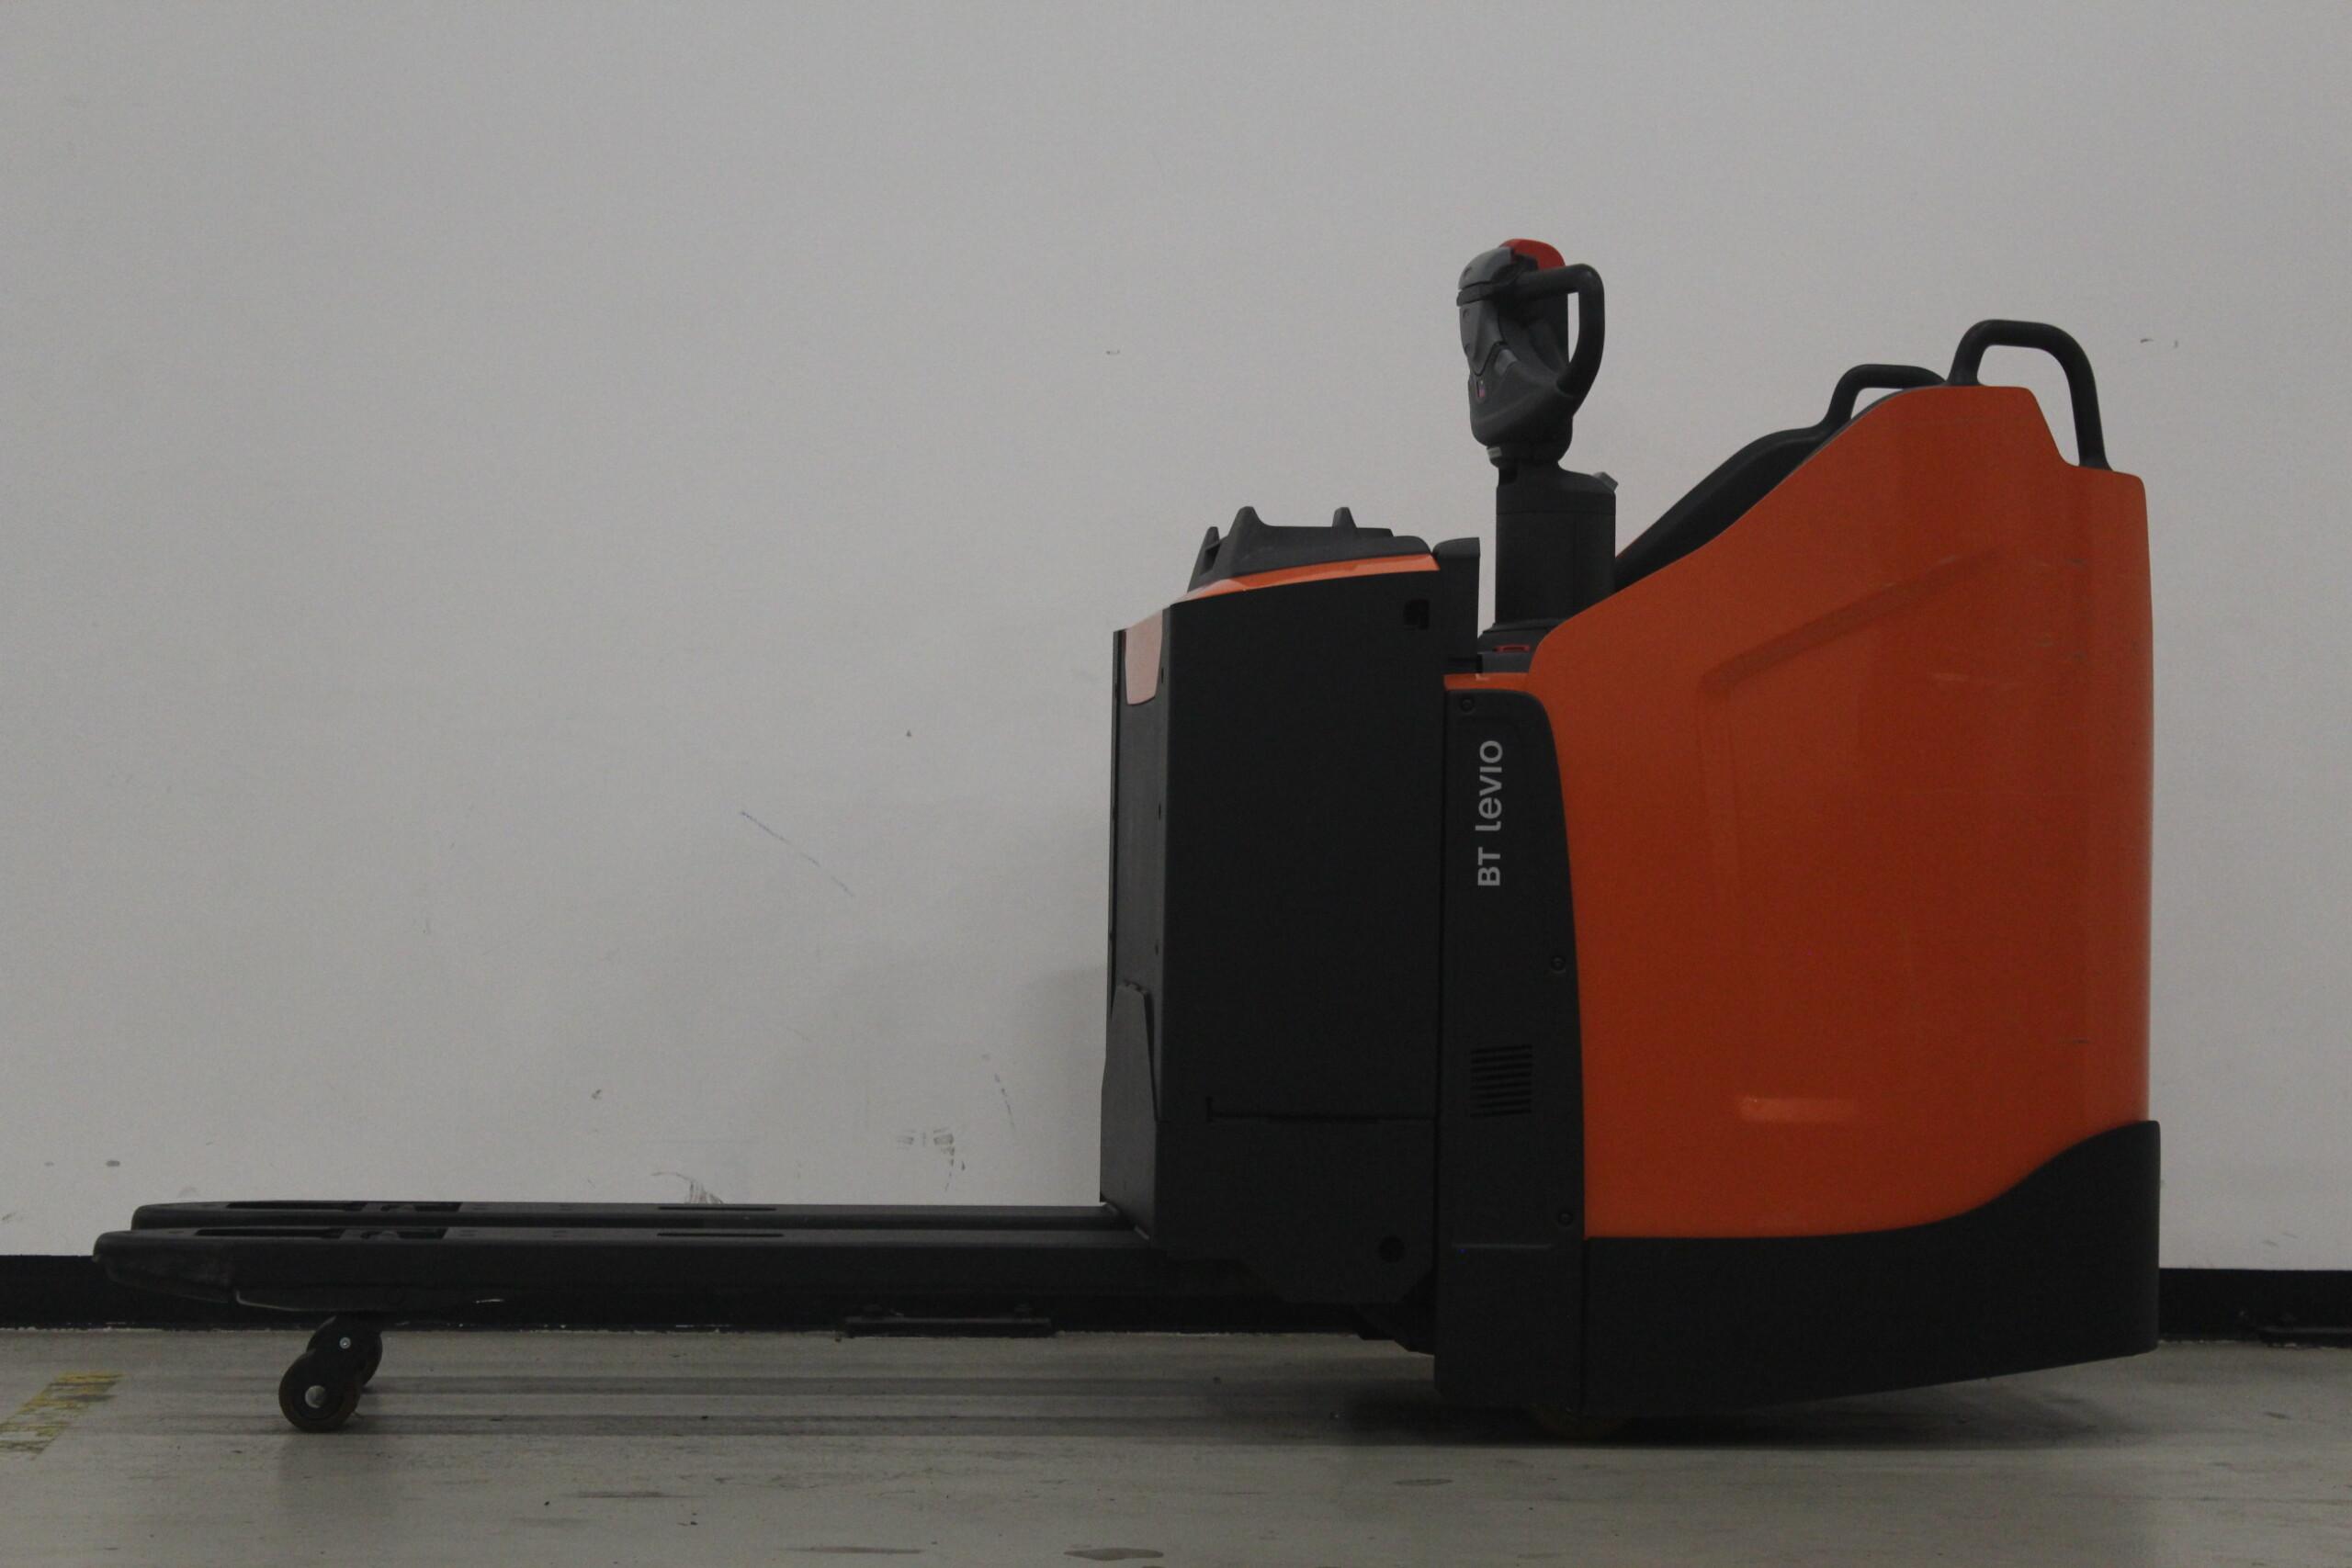 Toyota-Gabelstapler-59840 2001031281 1 10 scaled